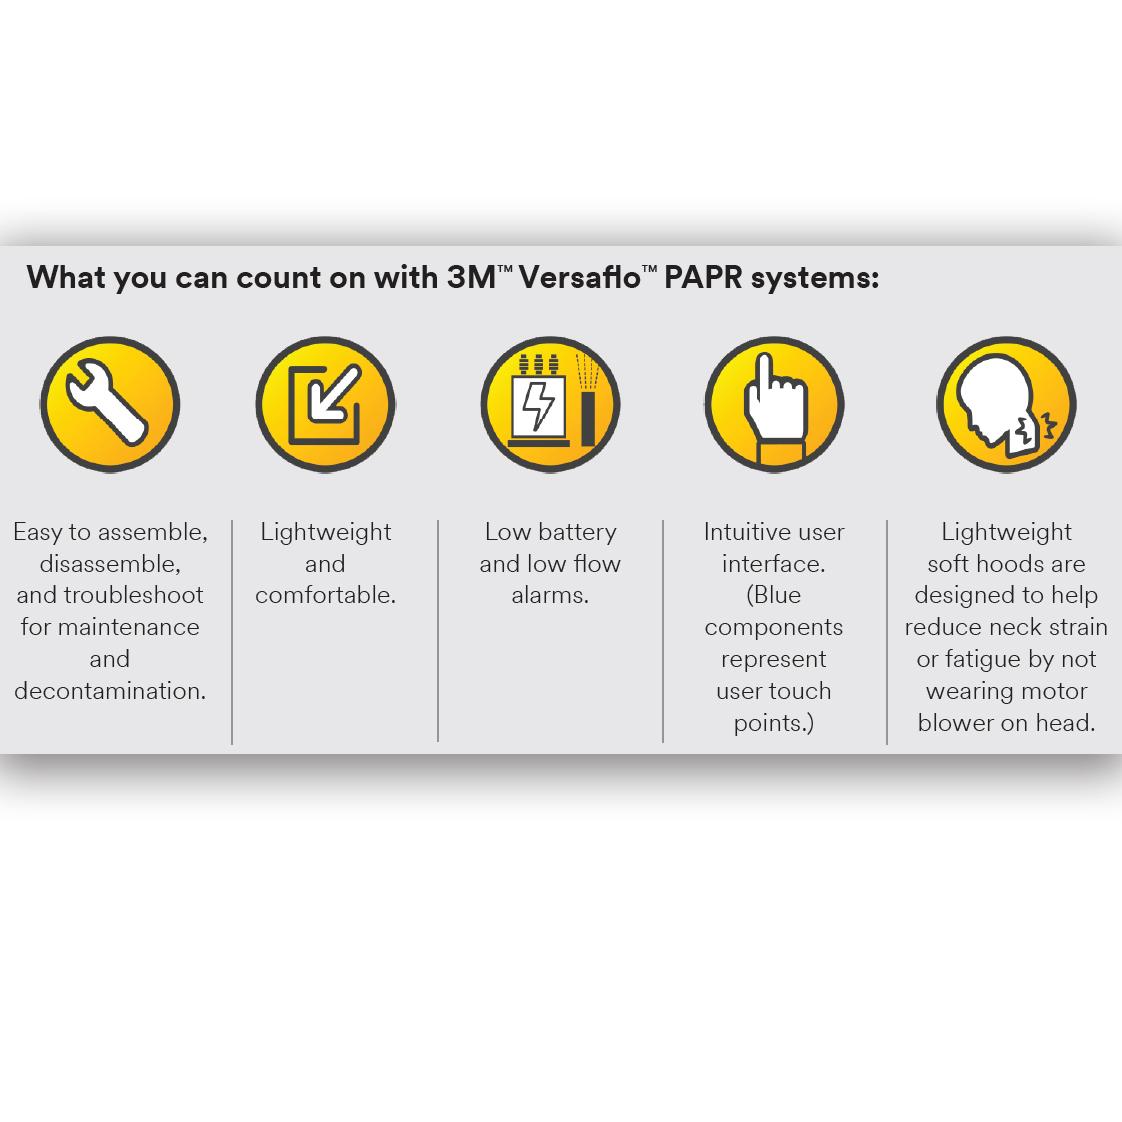 3M Versaflo PAPR features image